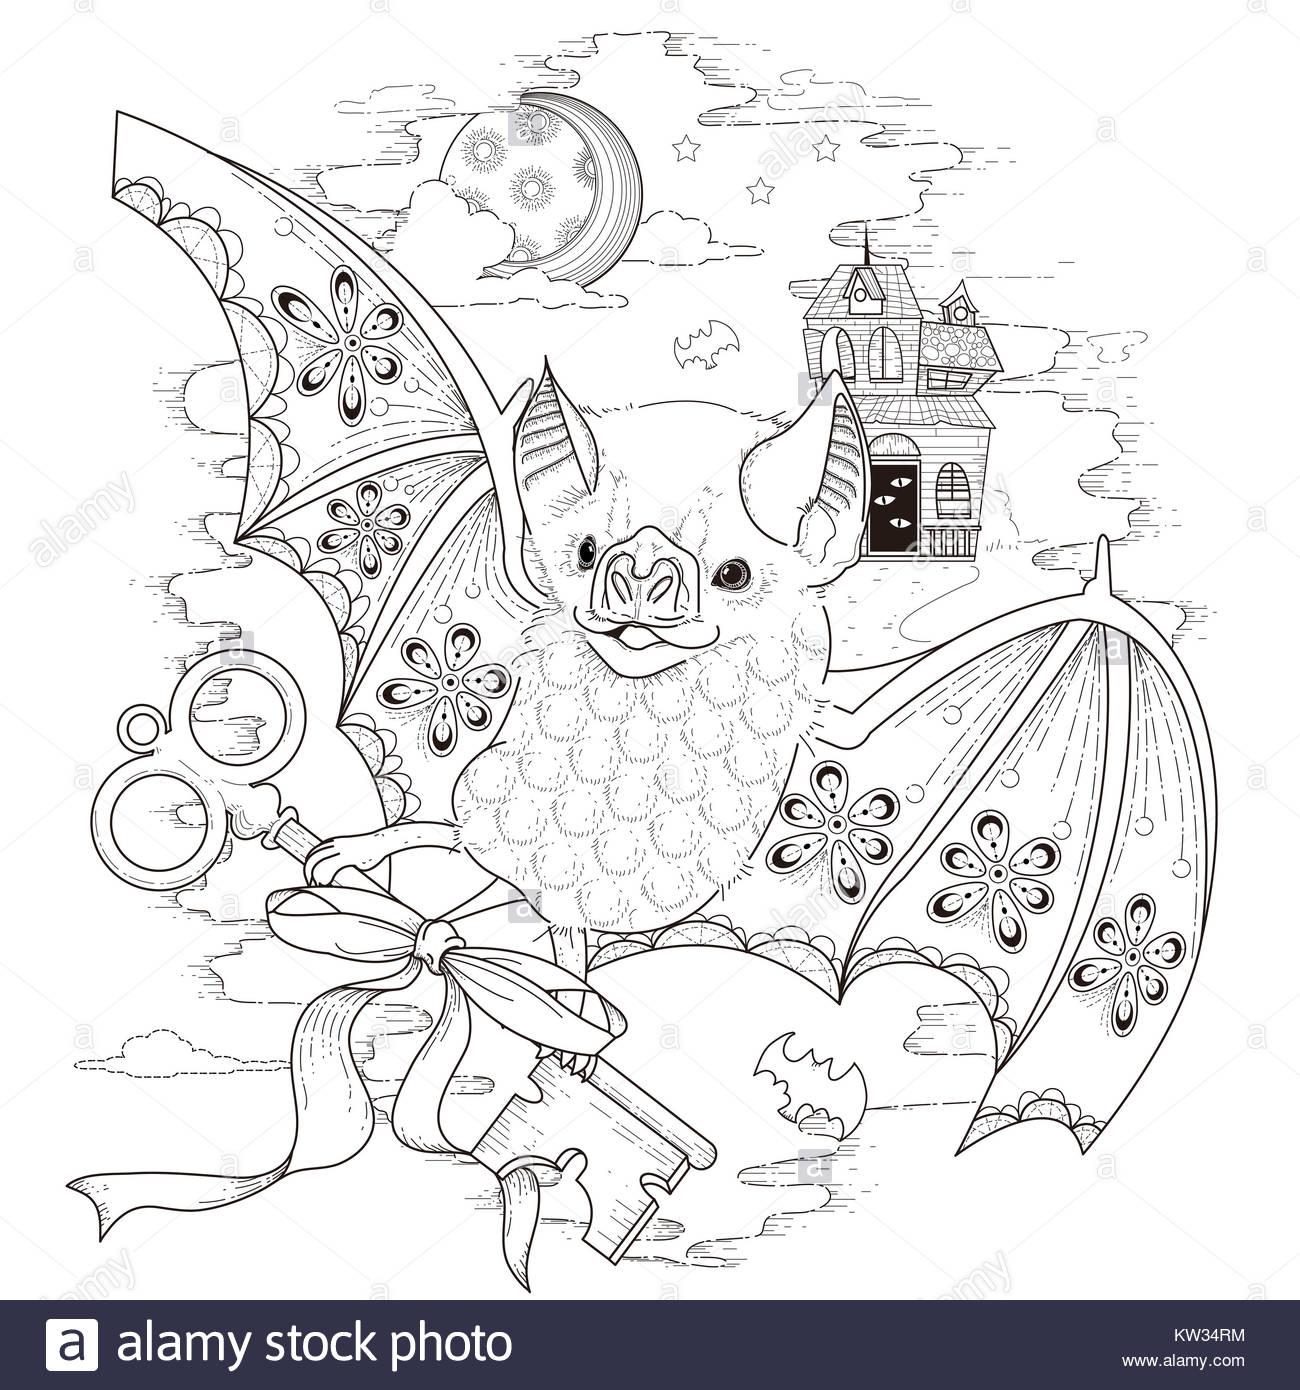 schöne Fledermaus Malvorlagen in exquisitem Stil Stockfoto, Bild ...